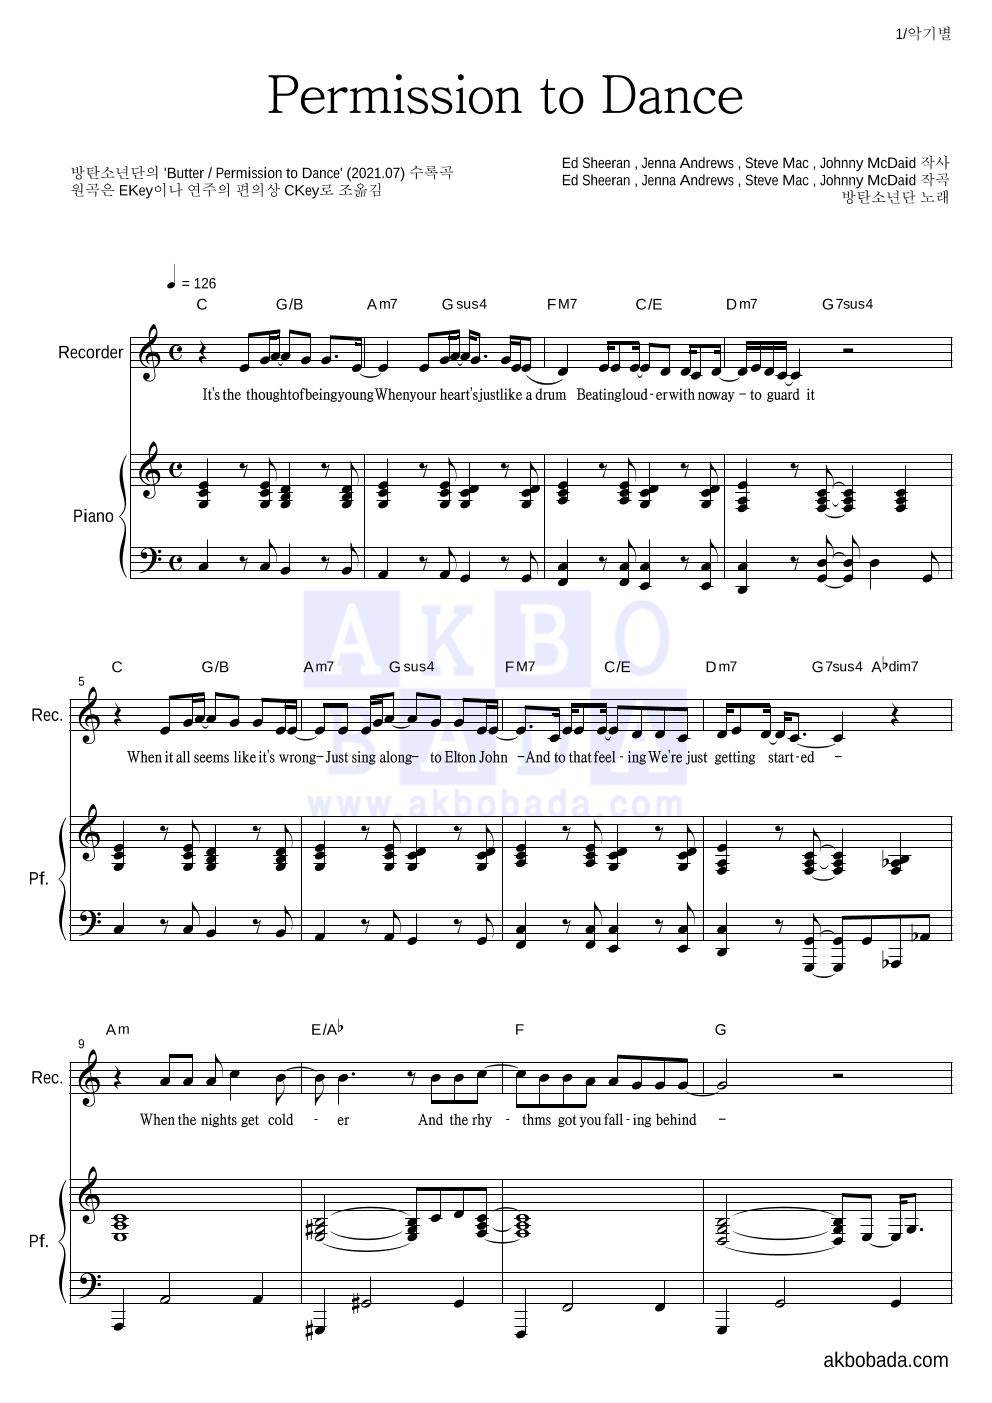 방탄소년단 - Permission to Dance 리코더&피아노 악보